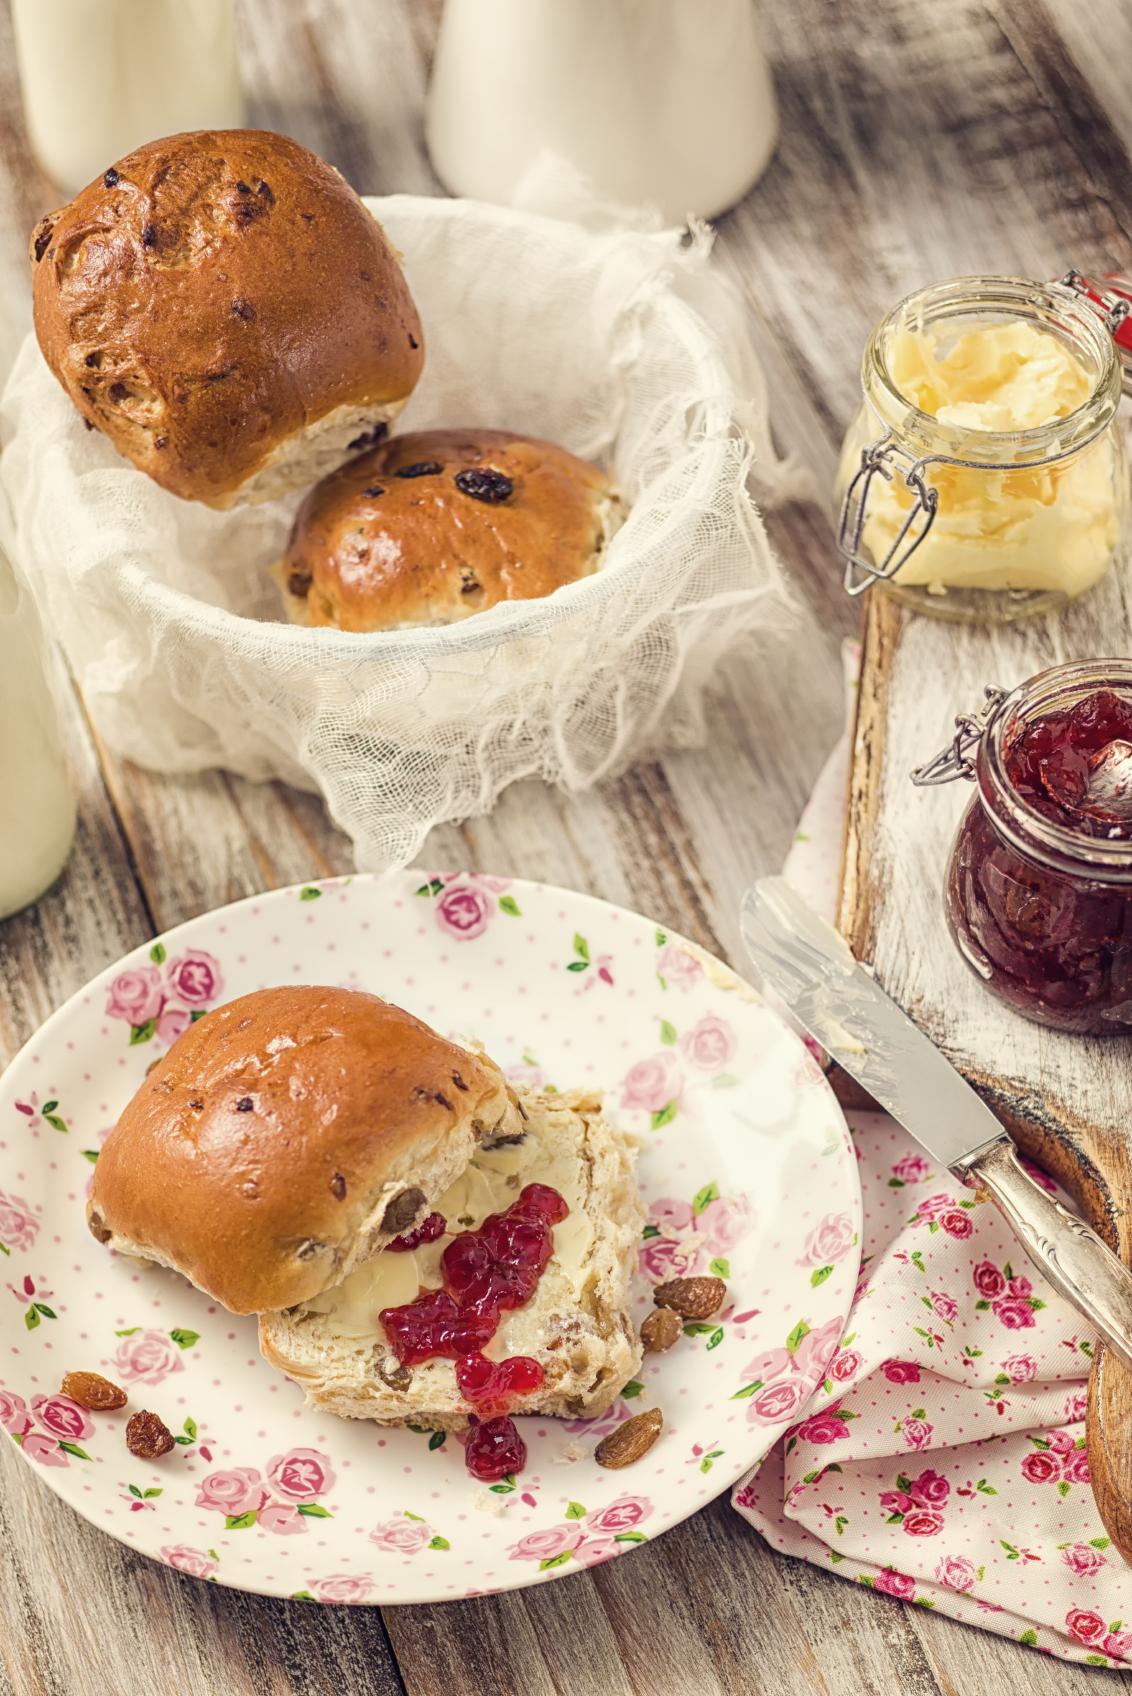 Pan dulce con pasas de uva y frutas abrillantadas